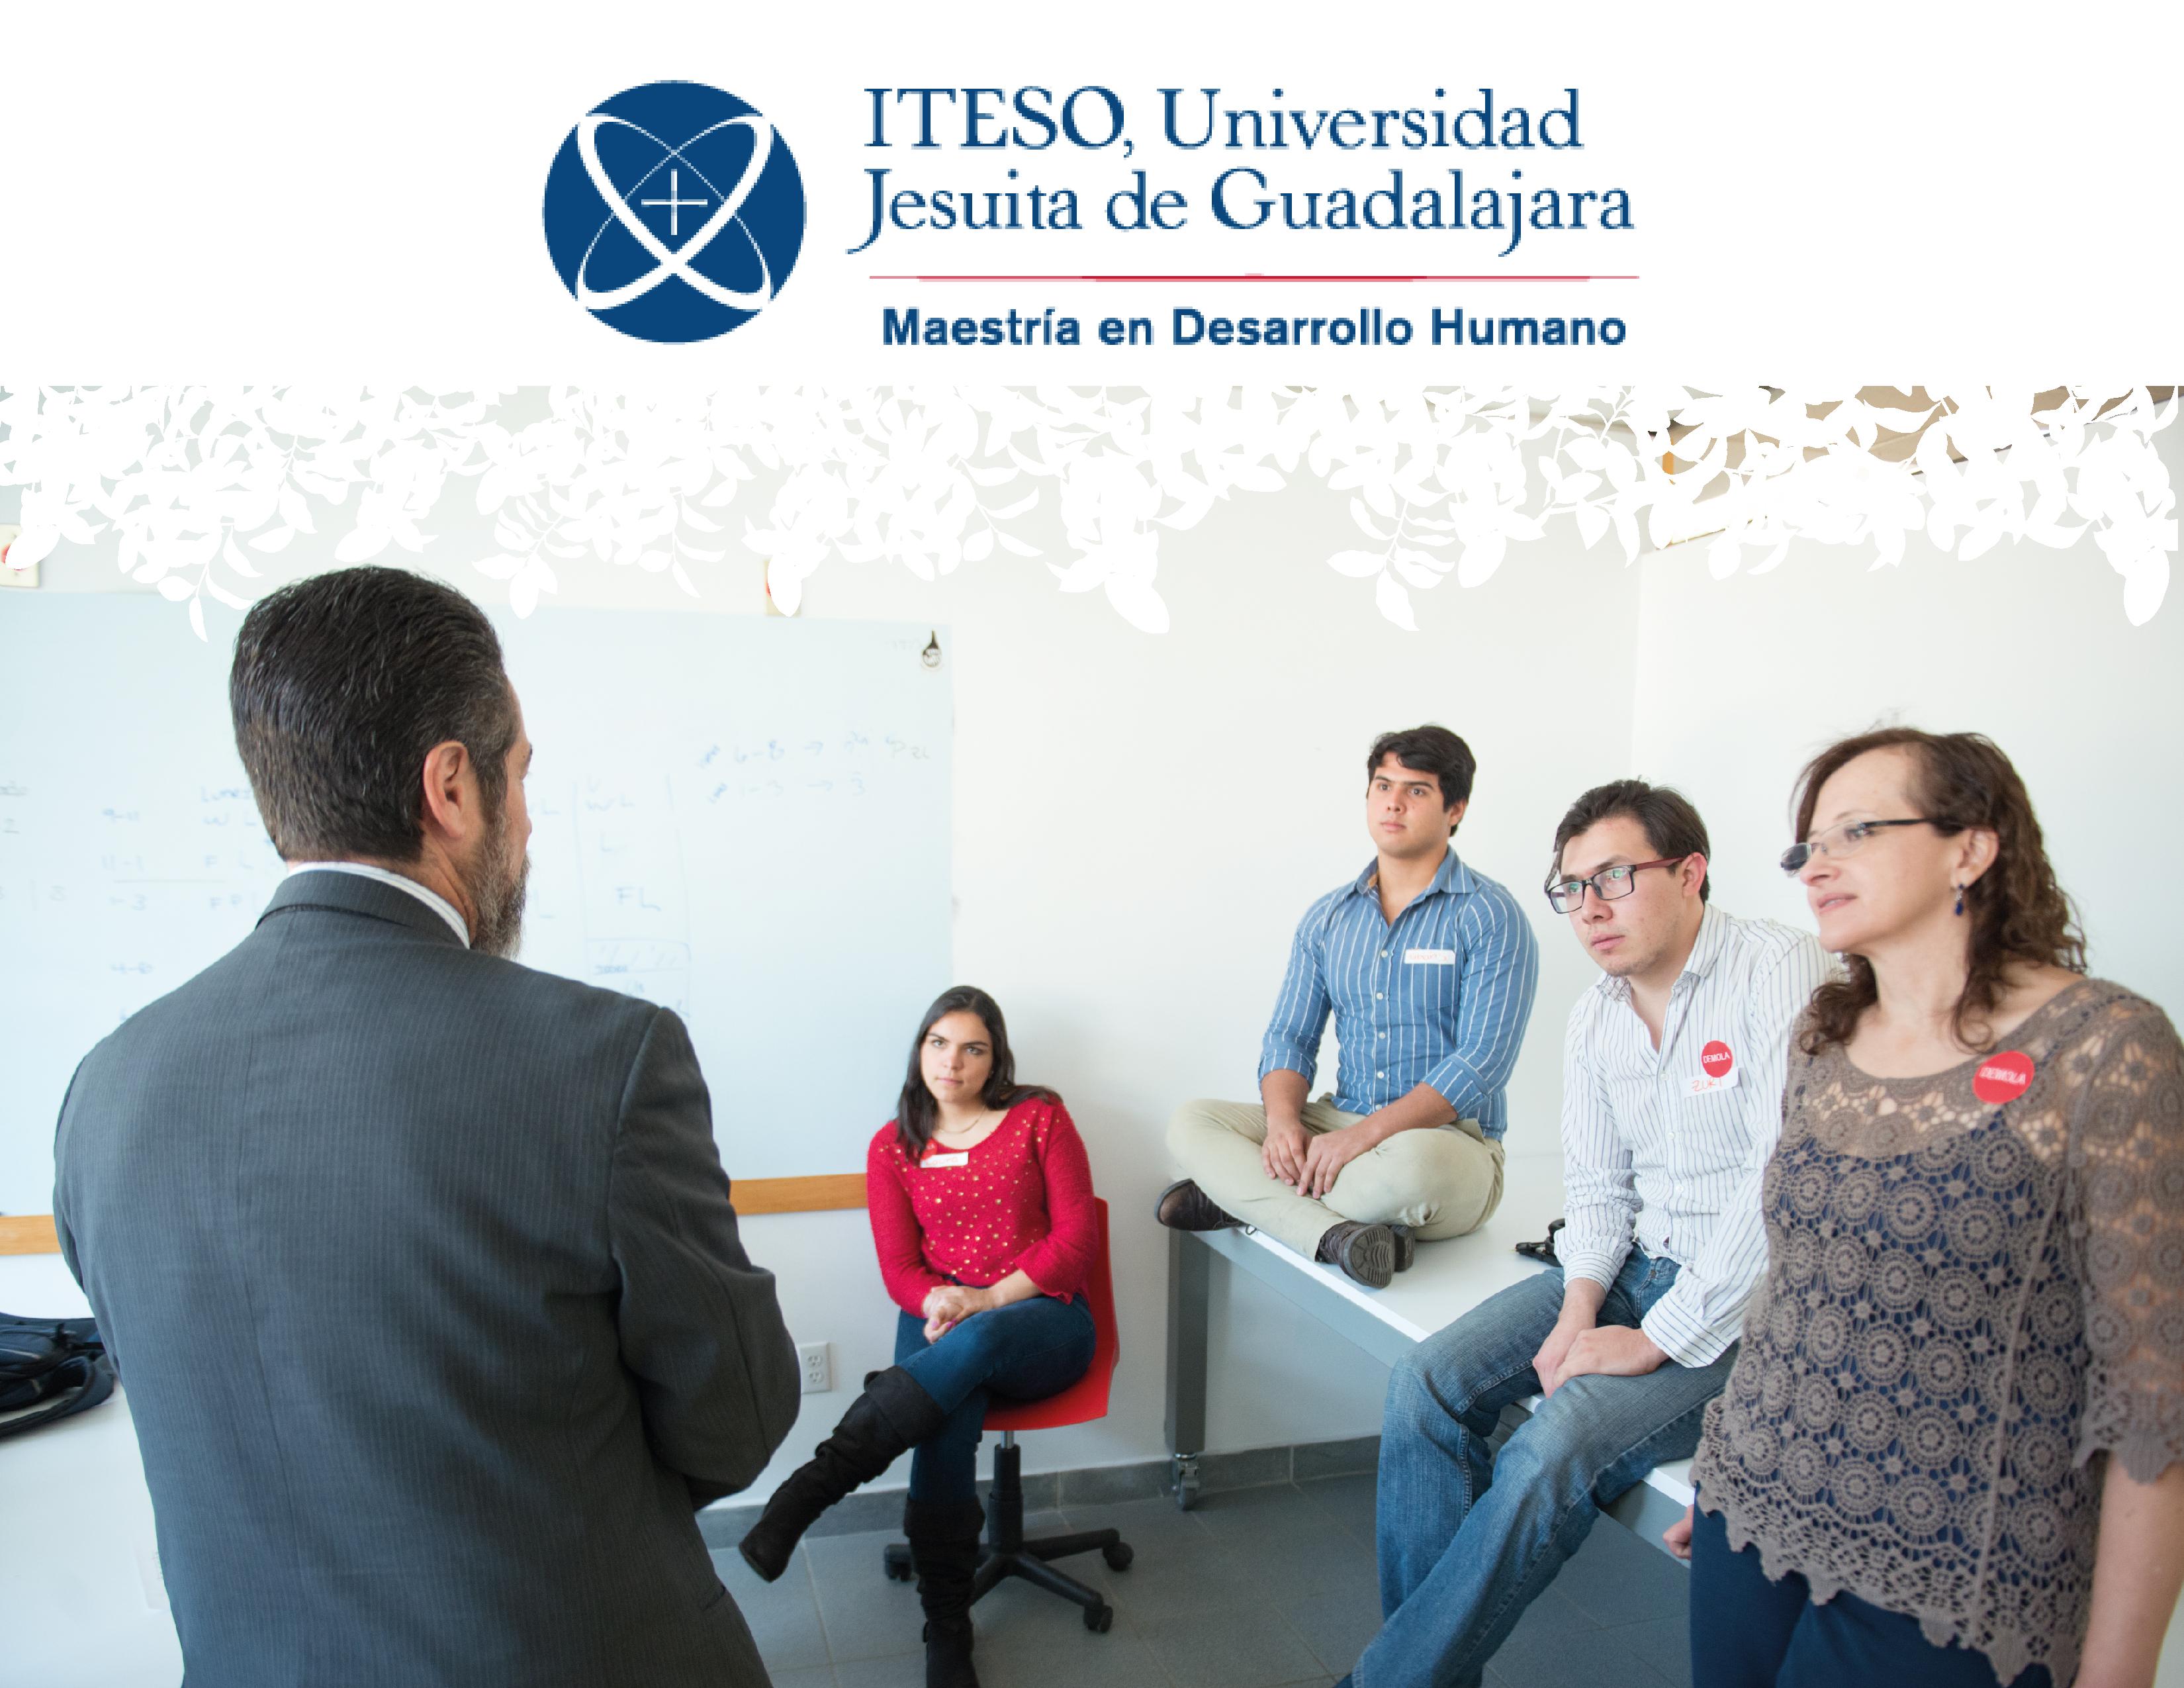 PANEL CON EGRESADOS DE LA MAESTRÍA EN DESARROLLO HUMANO